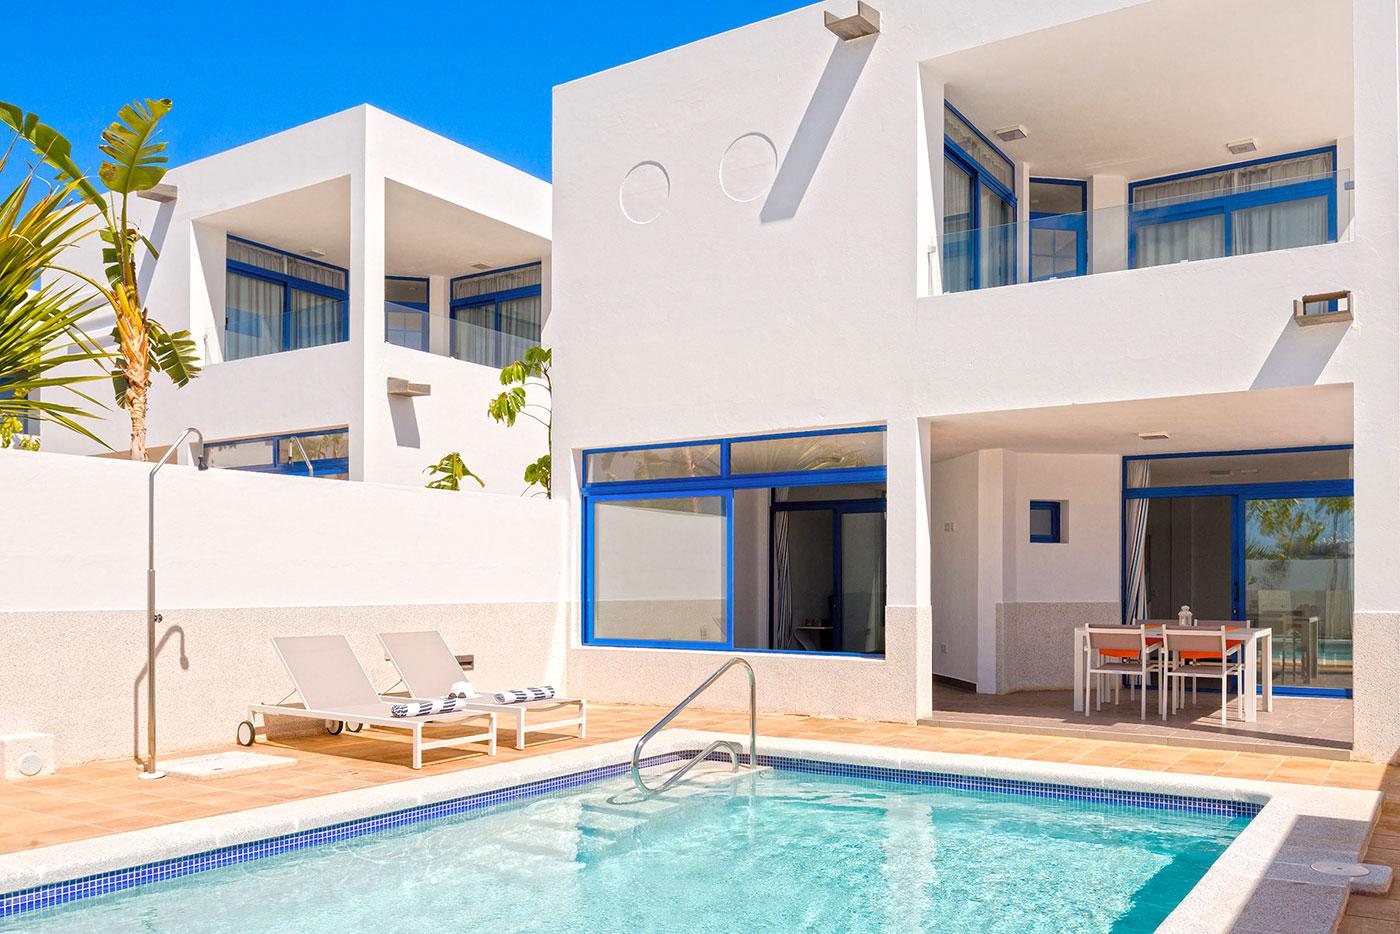 Villas de la marina villa rental playa blanca lanzarote